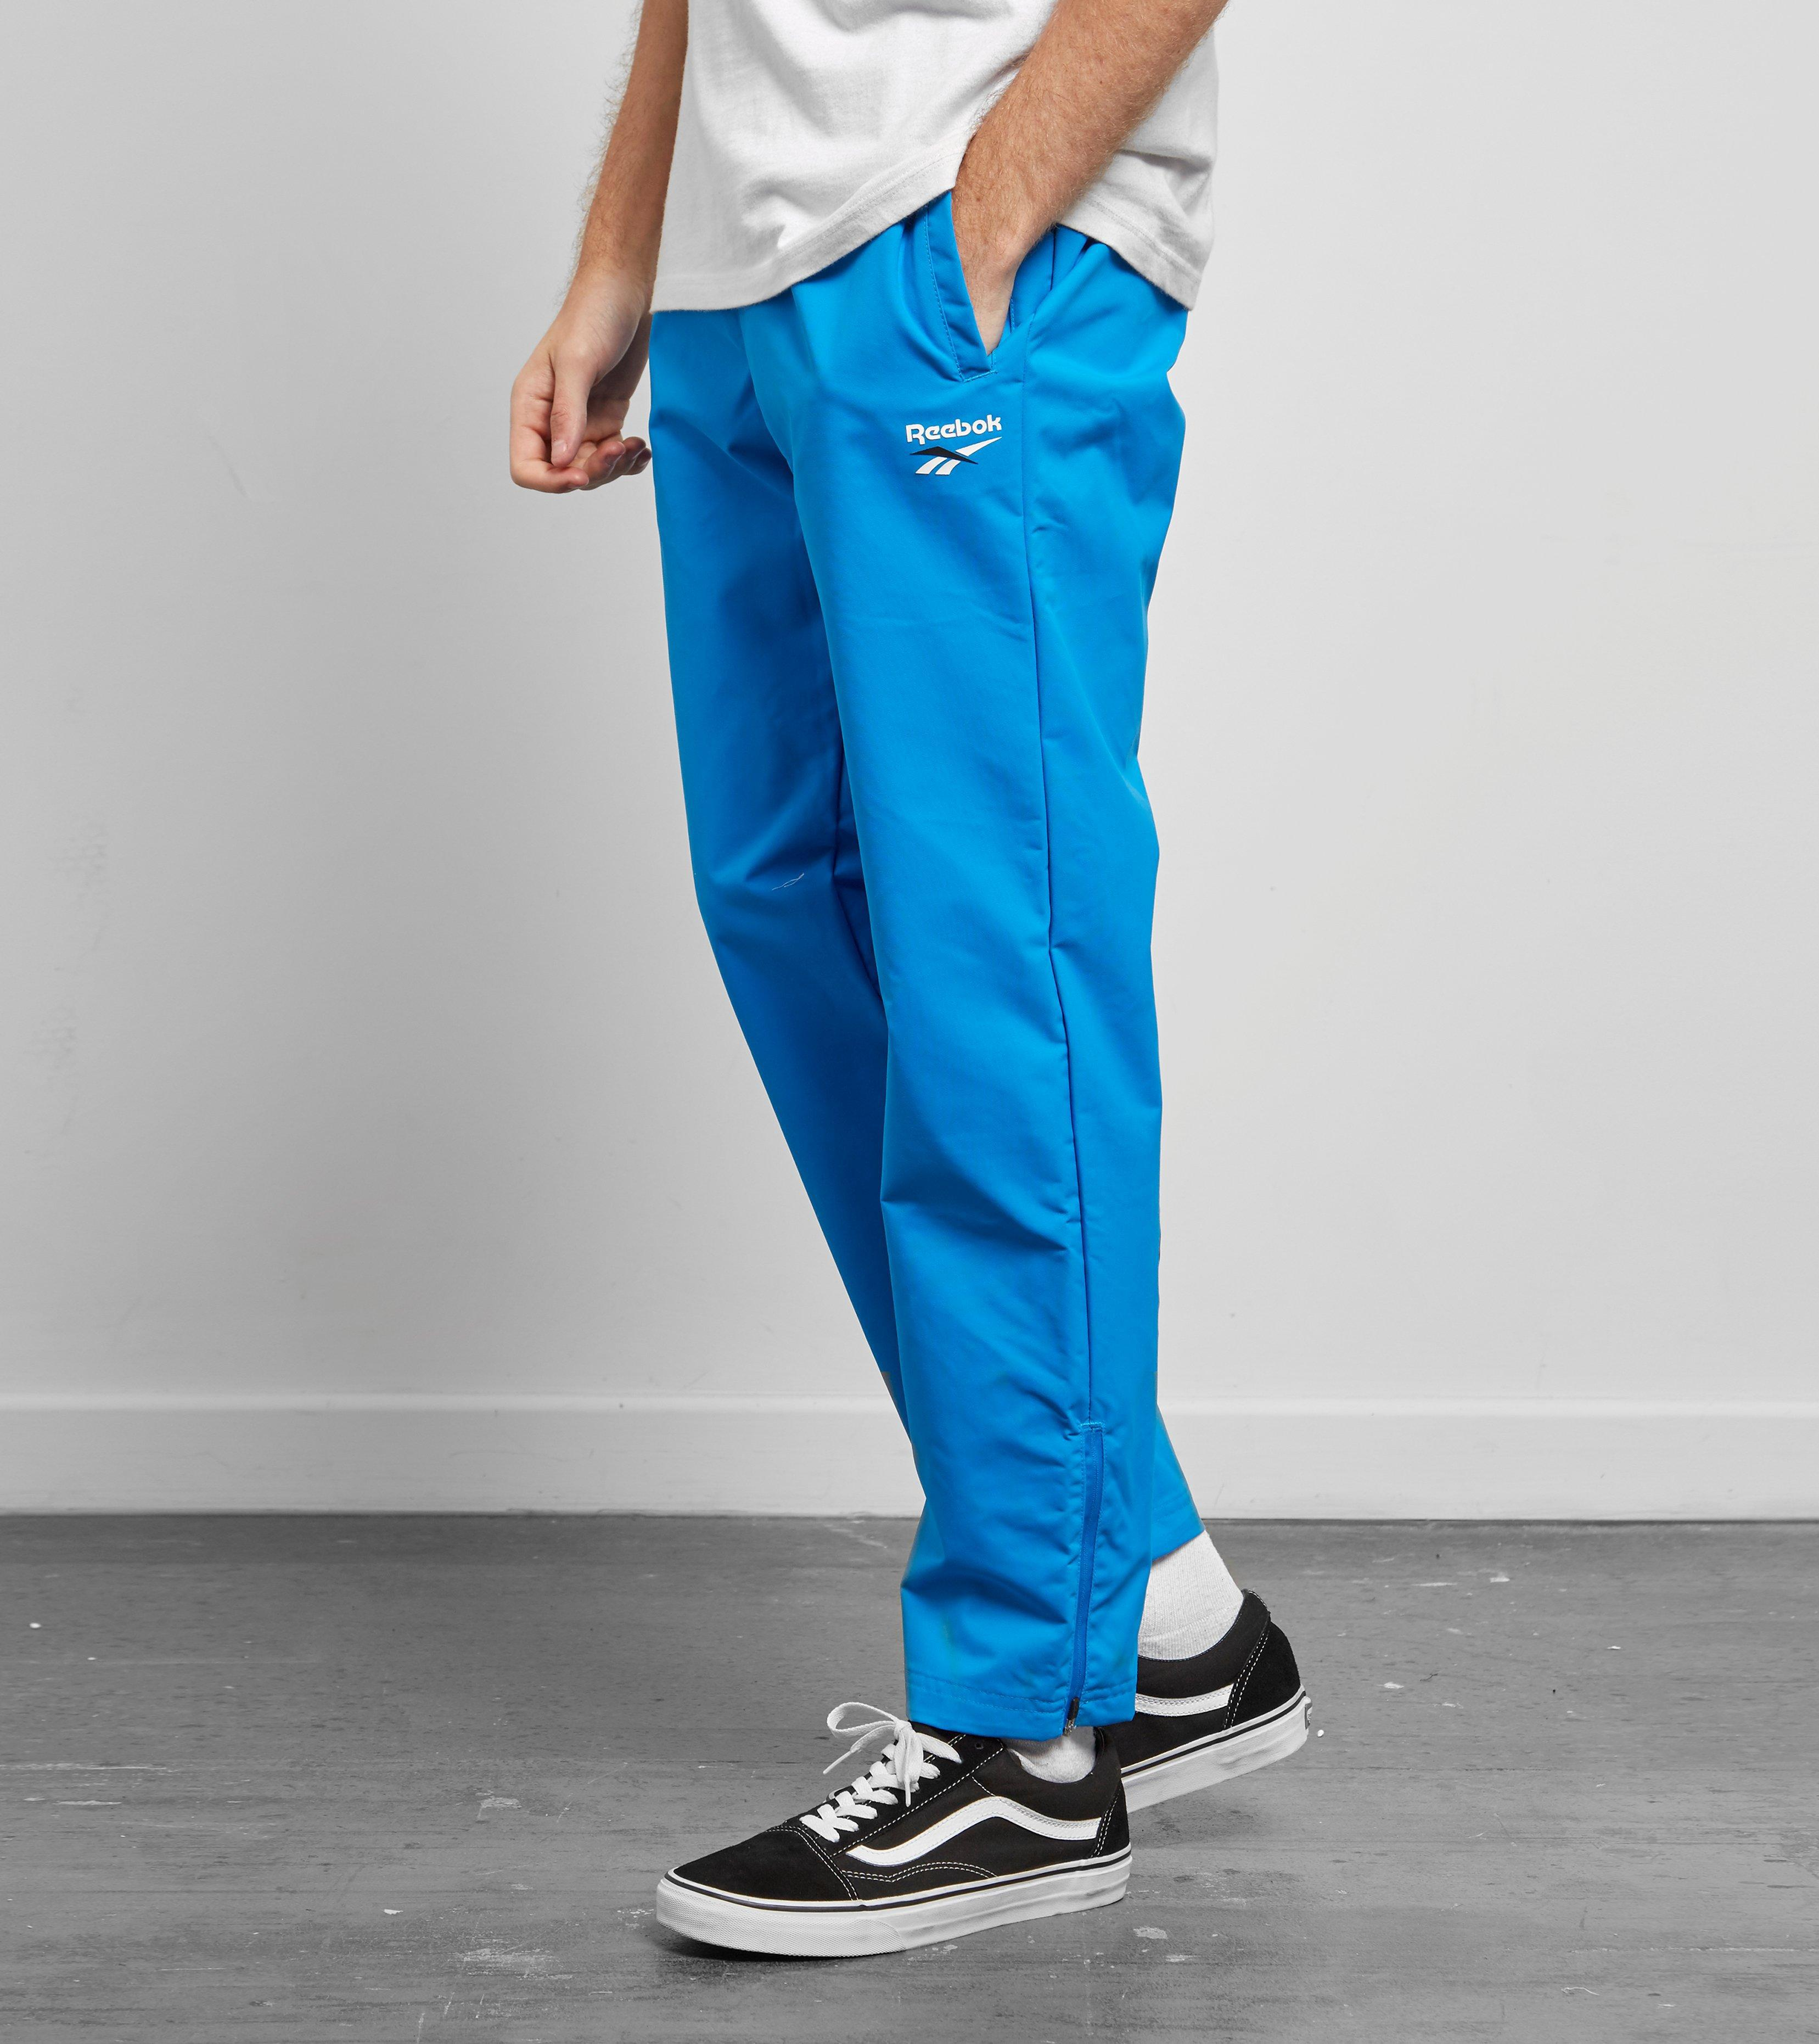 reebok dri fit track pants